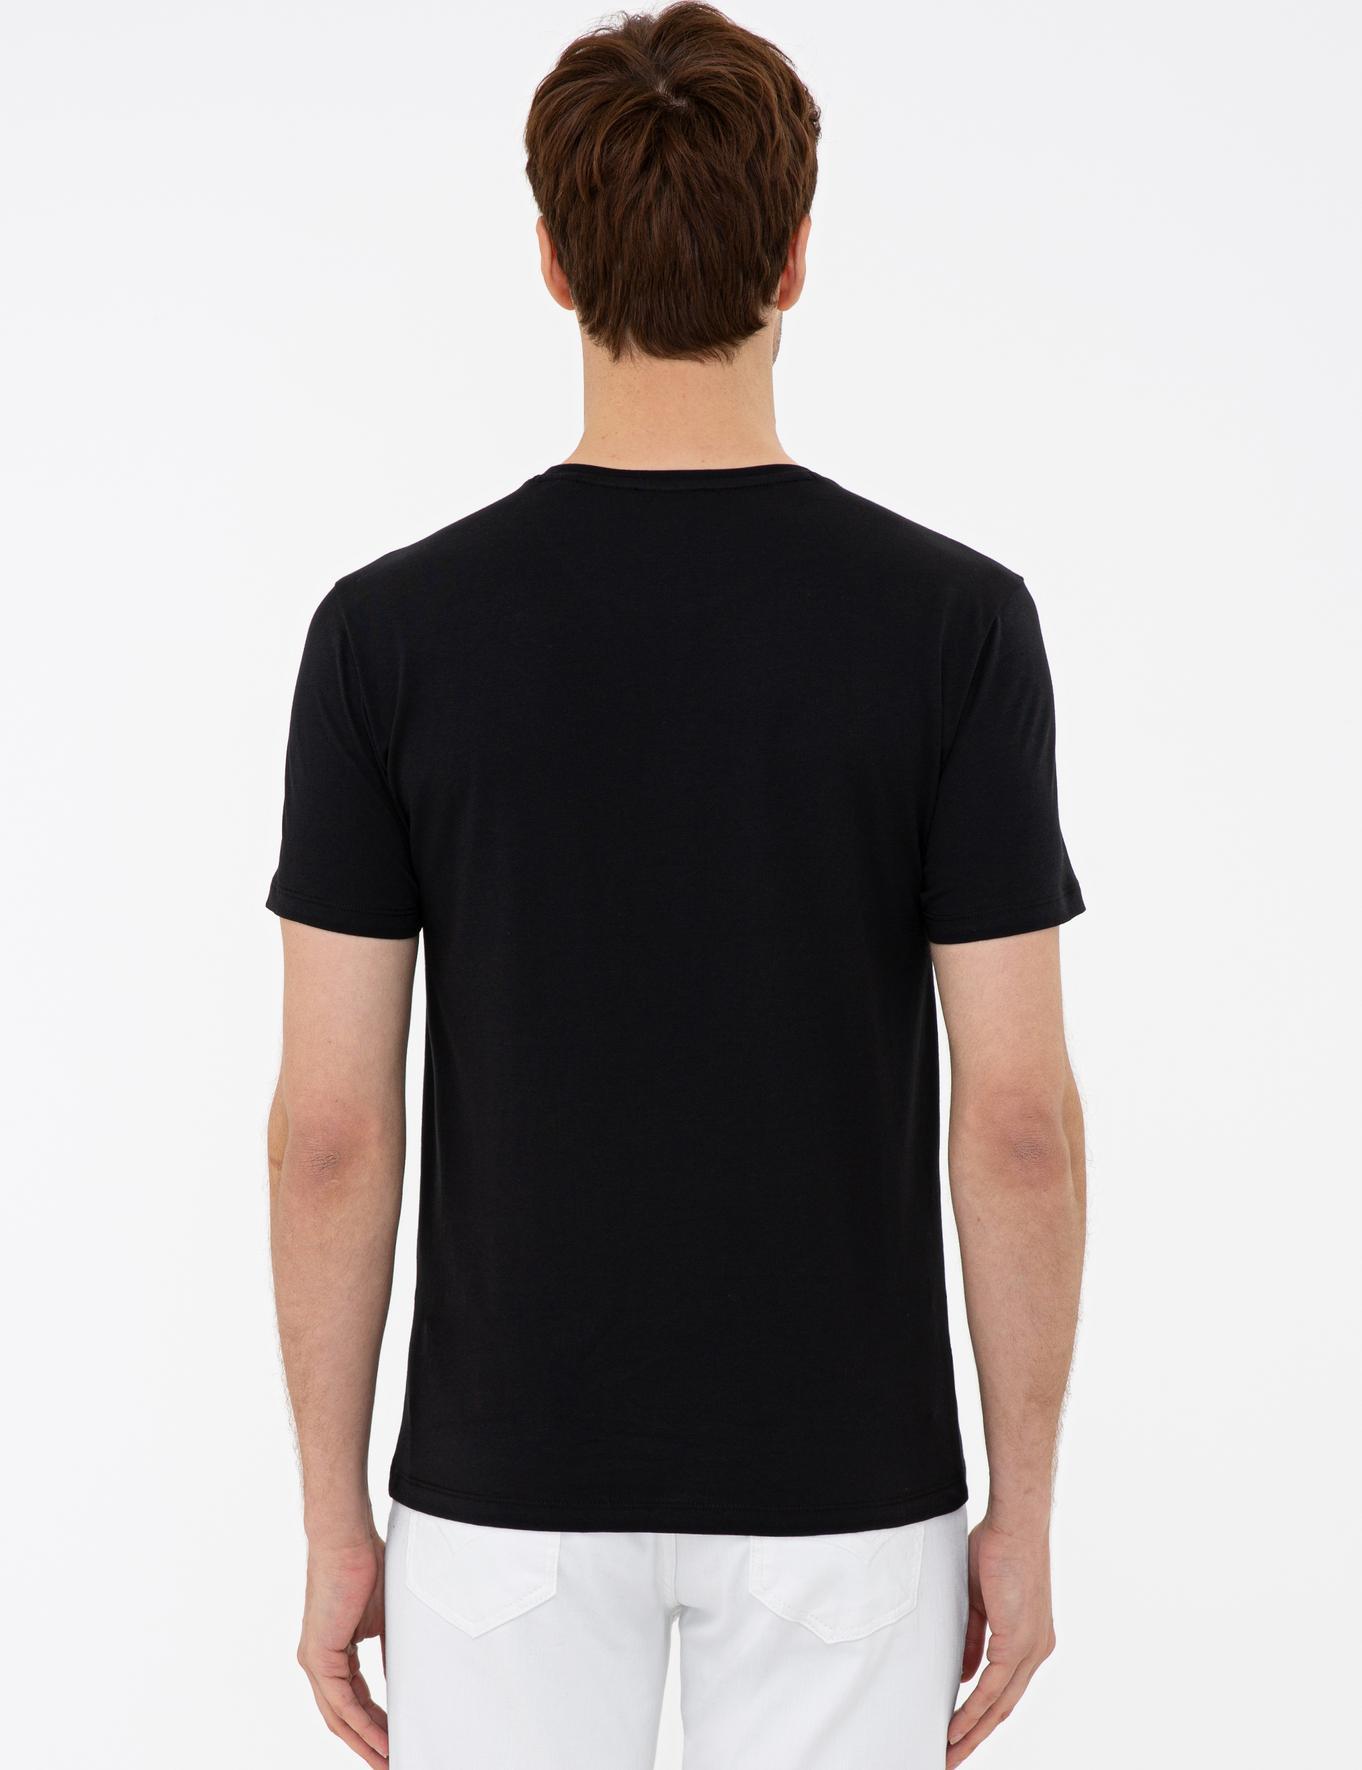 Bisiklet Yaka T-Shirt - 50232919014